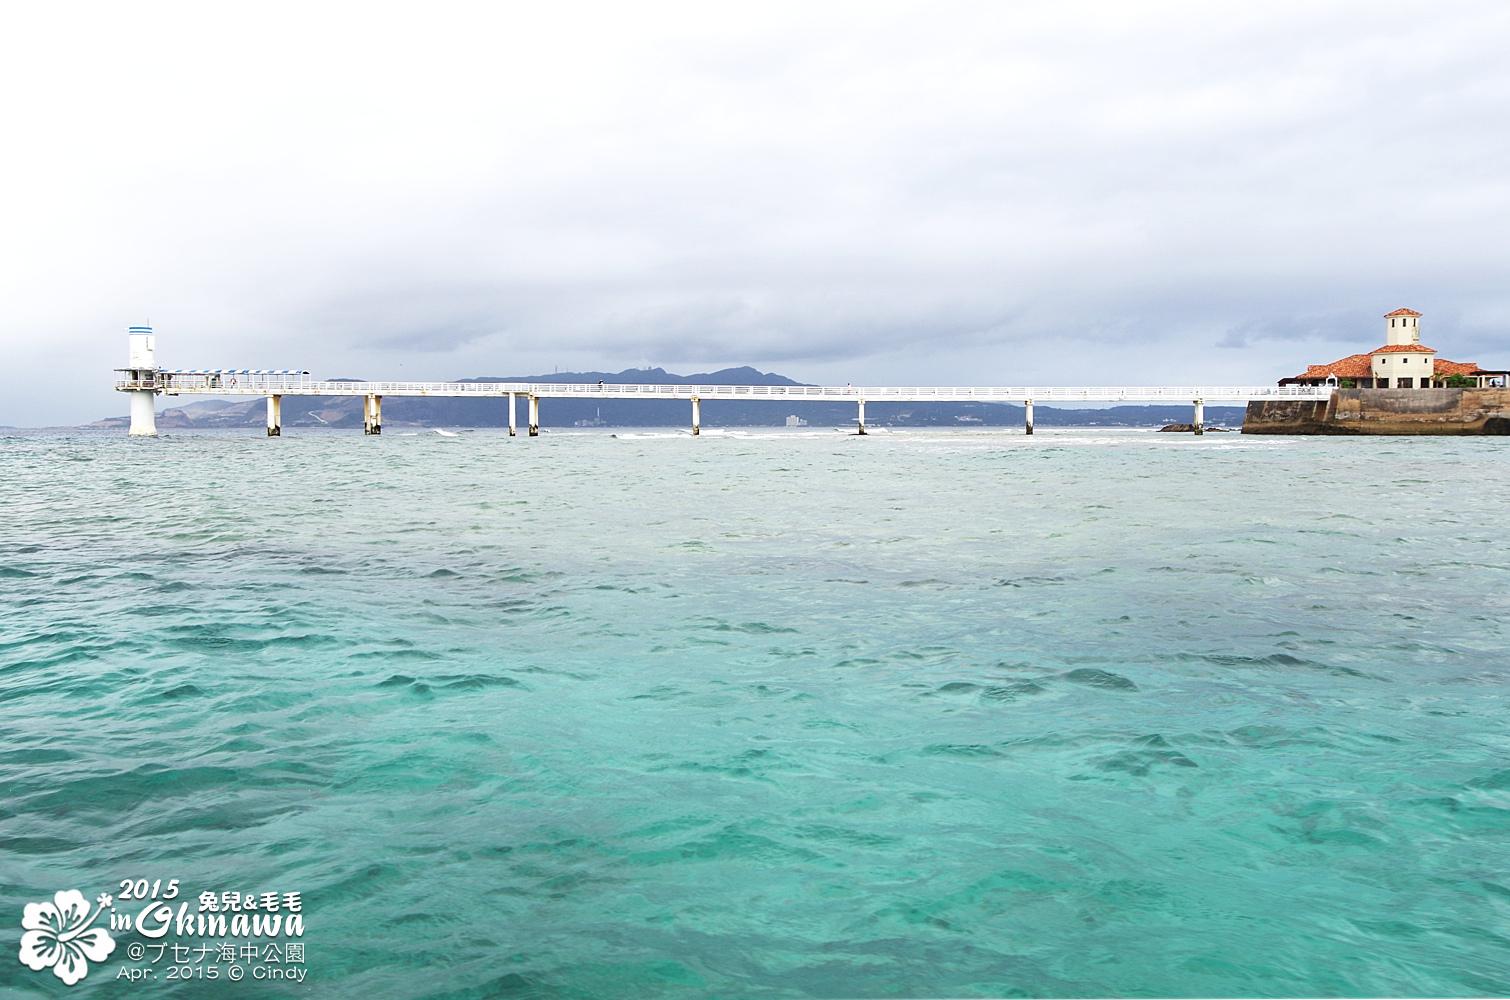 2015-0406-部瀨名海中公園-24.jpg